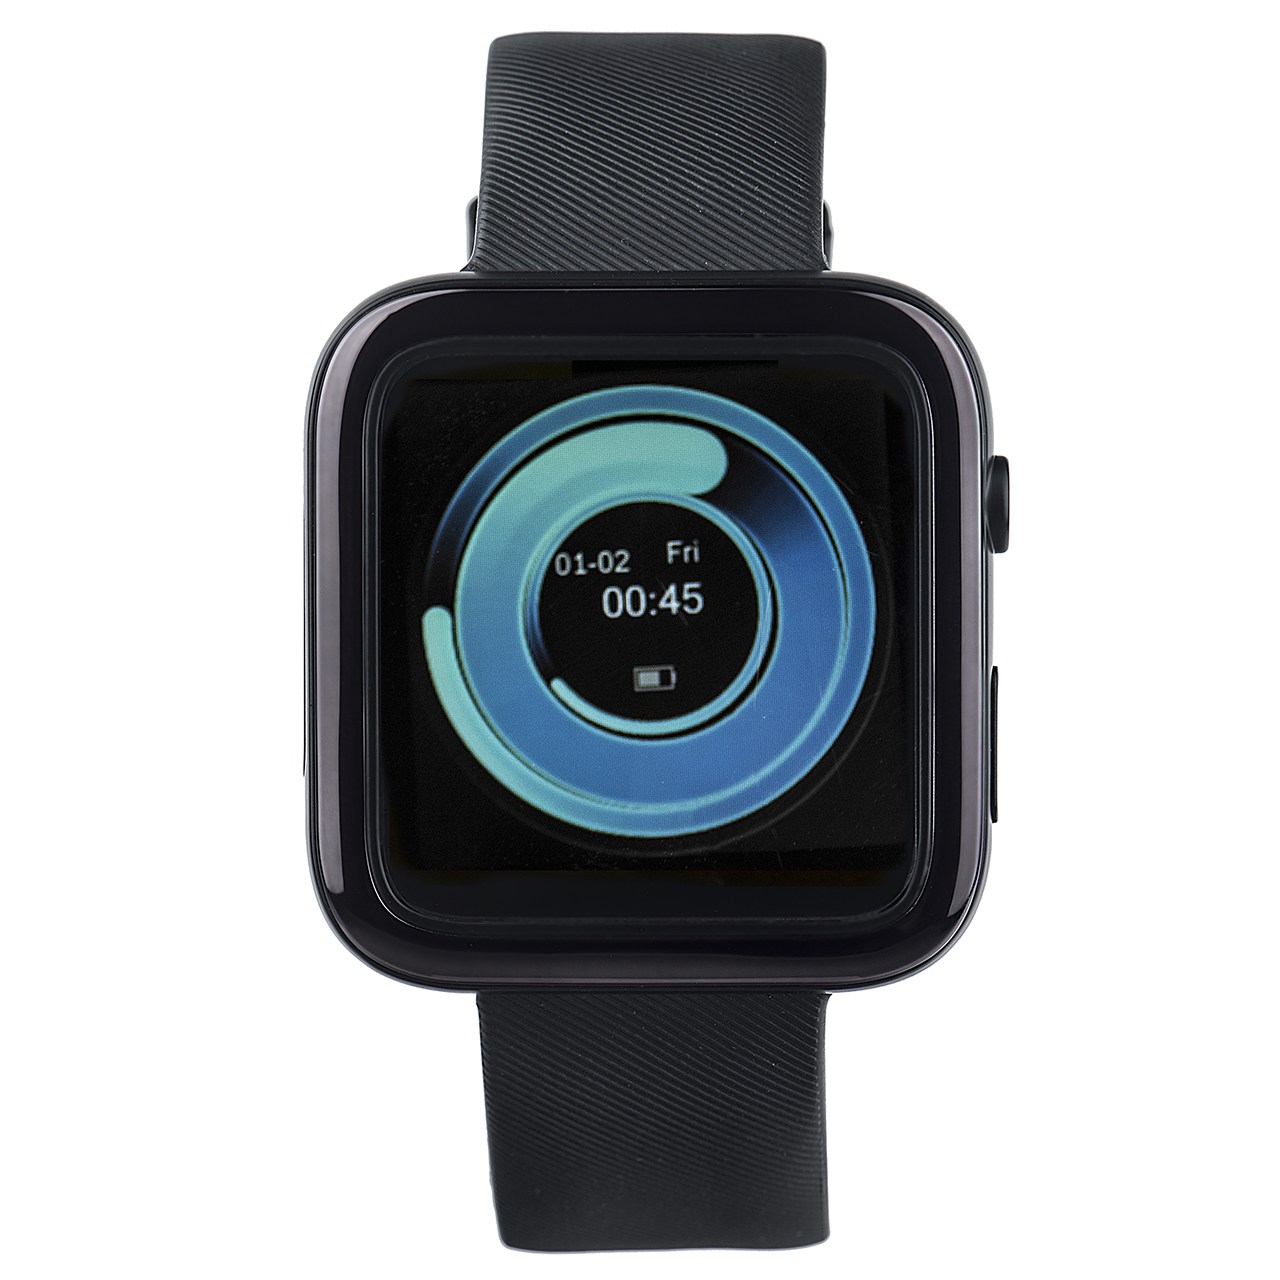 ساعت هوشمند تی تی وای جی موو مدل I9